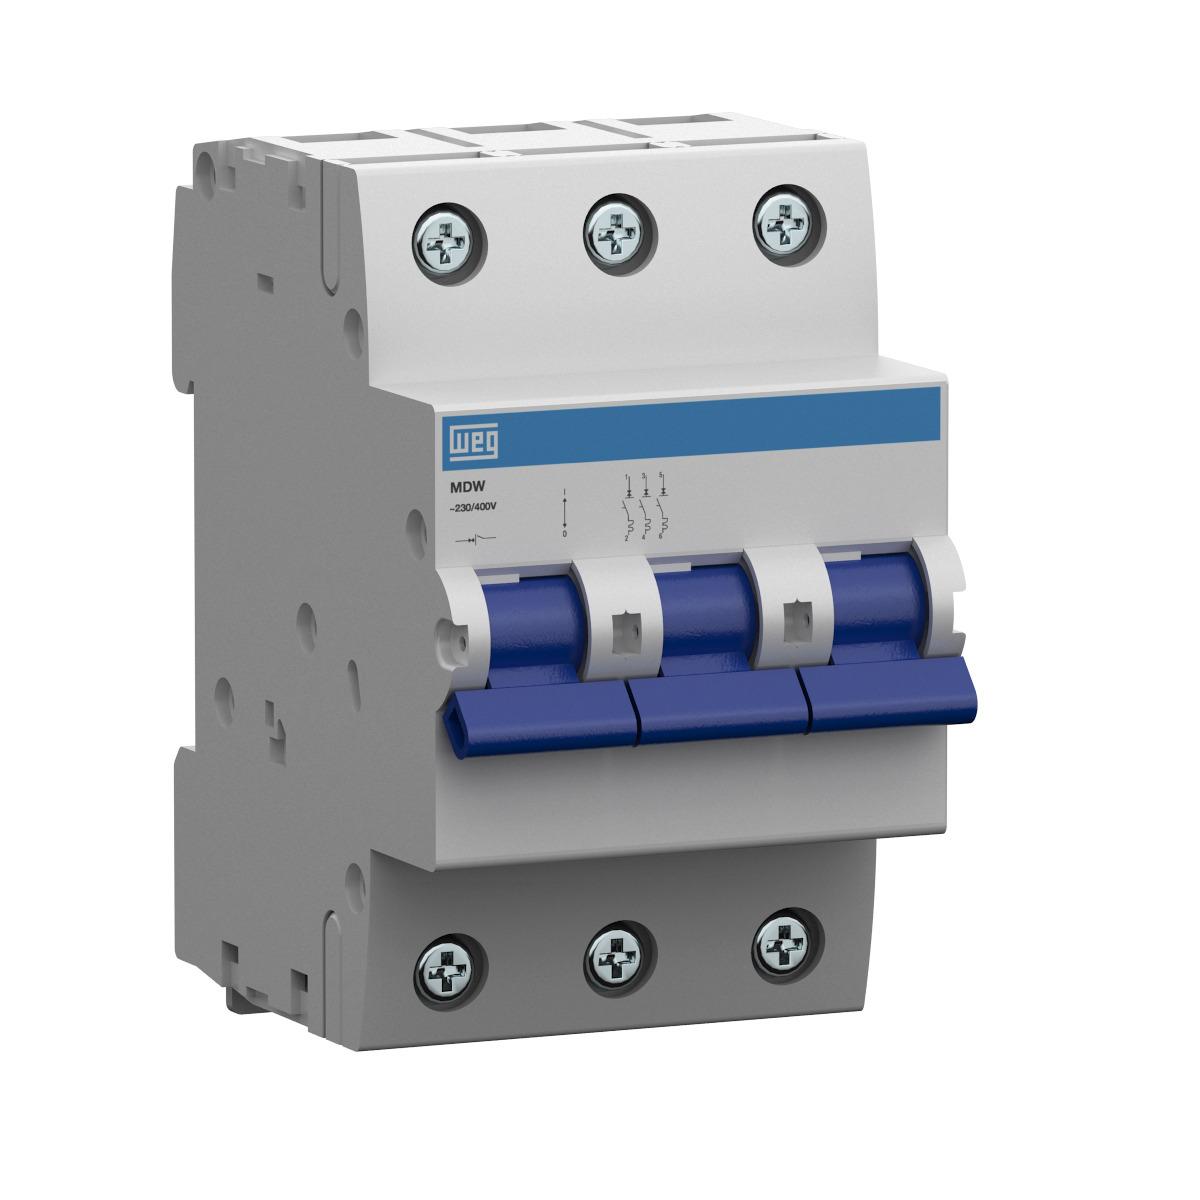 Minidisjuntor Termomagnético Weg Mdw-C63-3